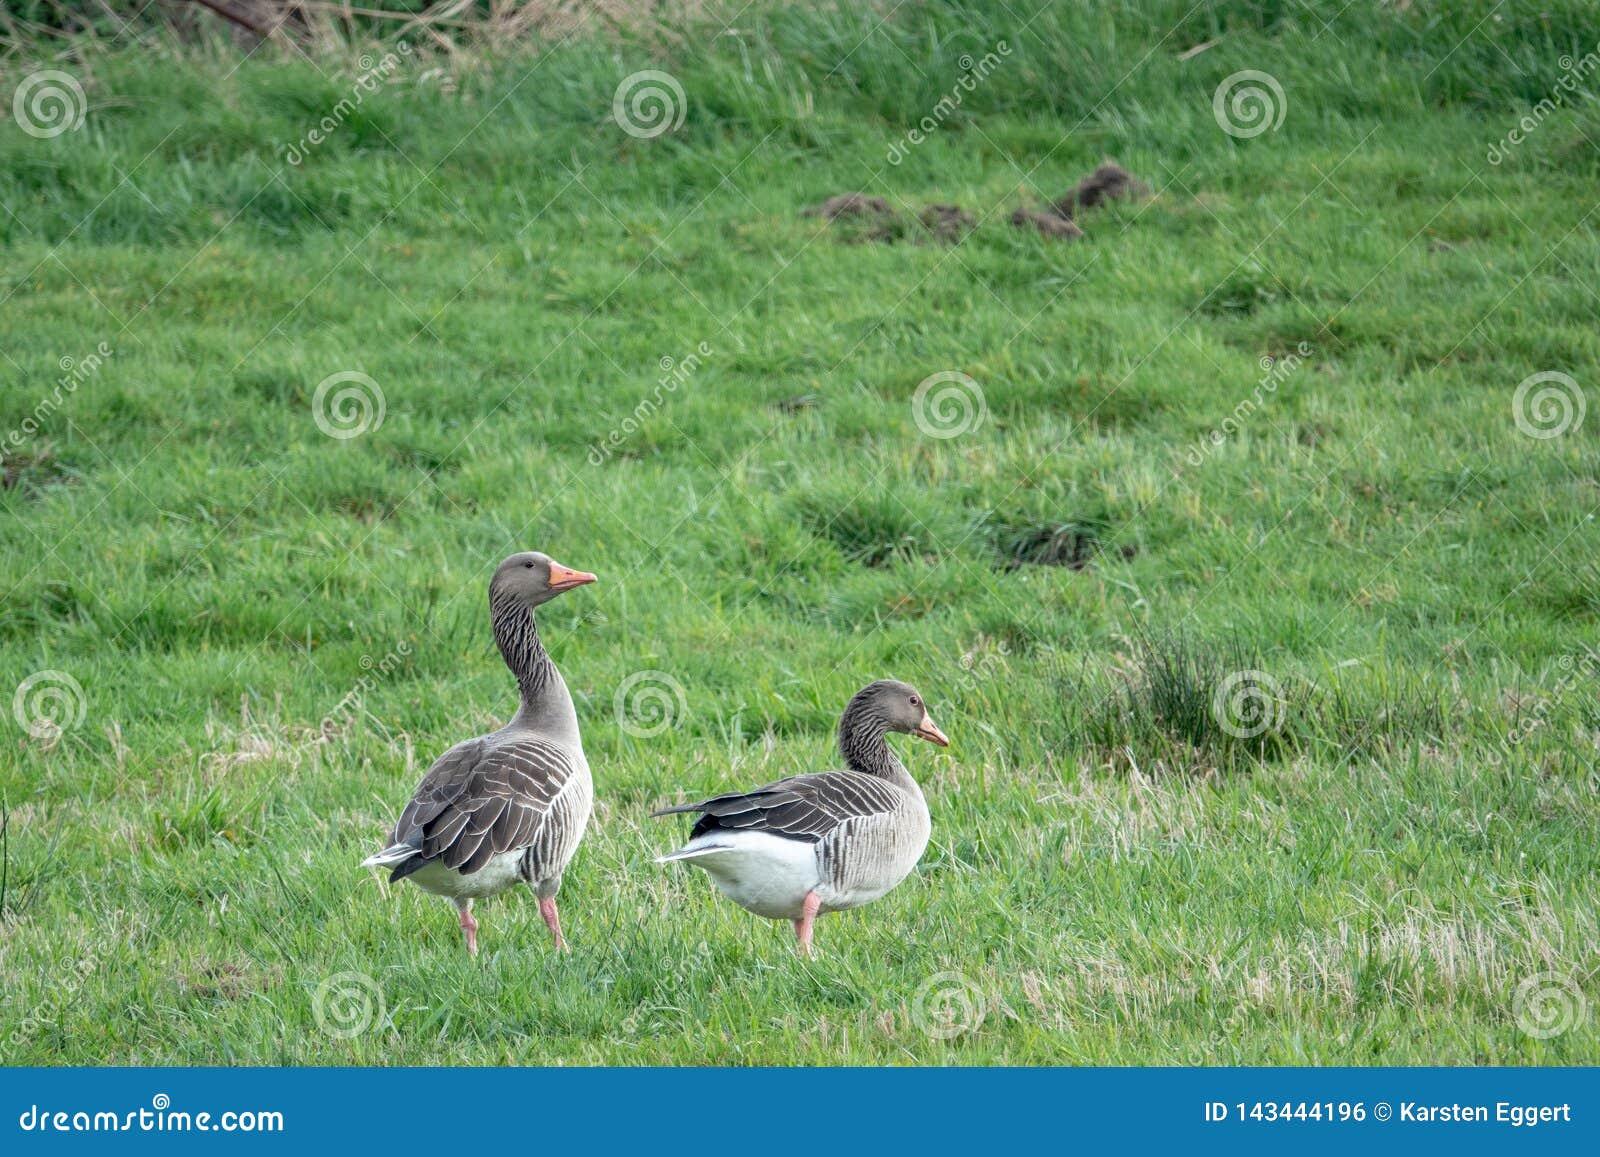 2 gansos cinzentos estão em um prado e cacarejam e comem